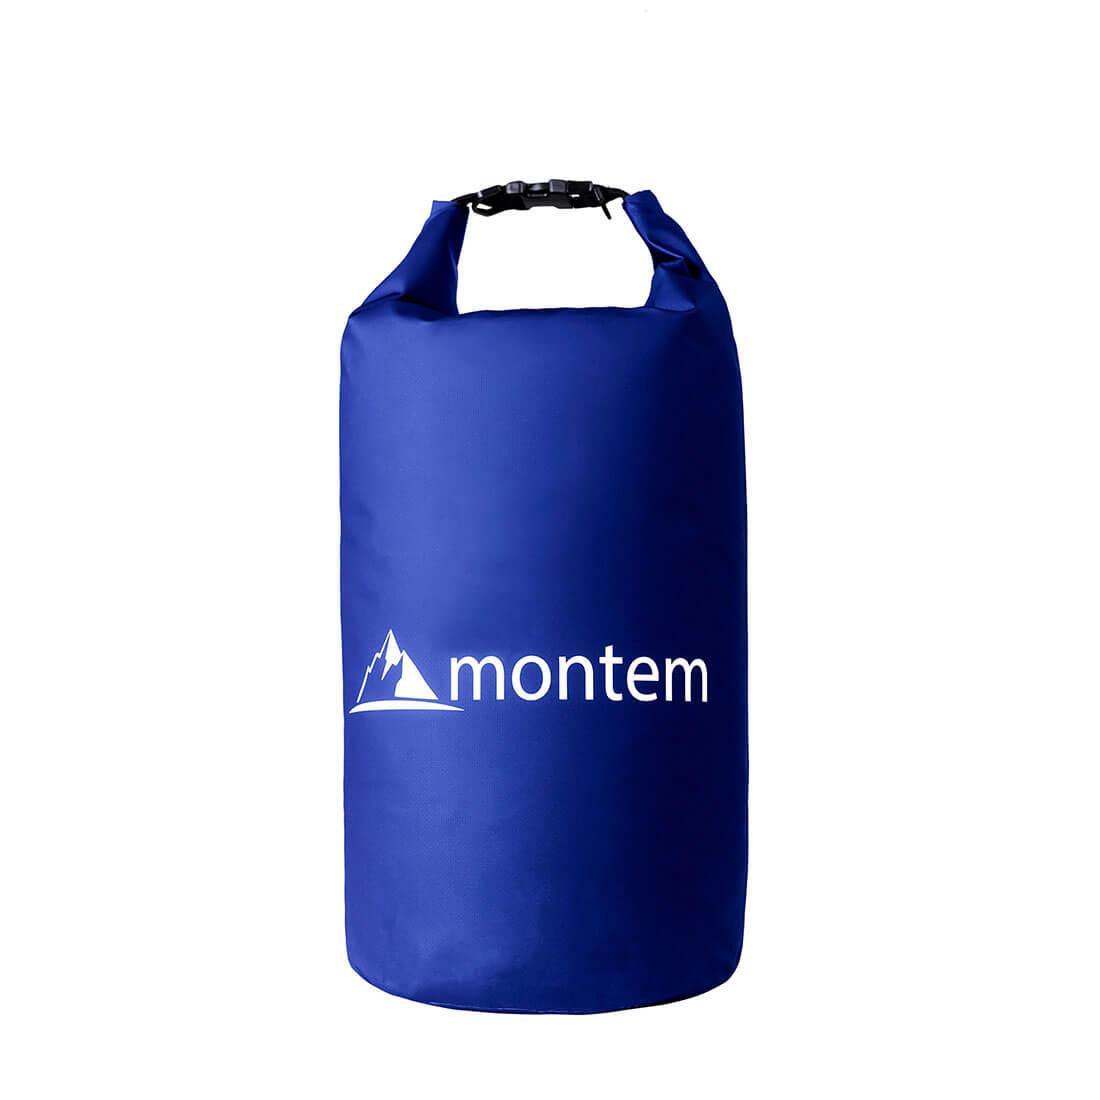 bf277765f8bb Oceanum Dry Bag